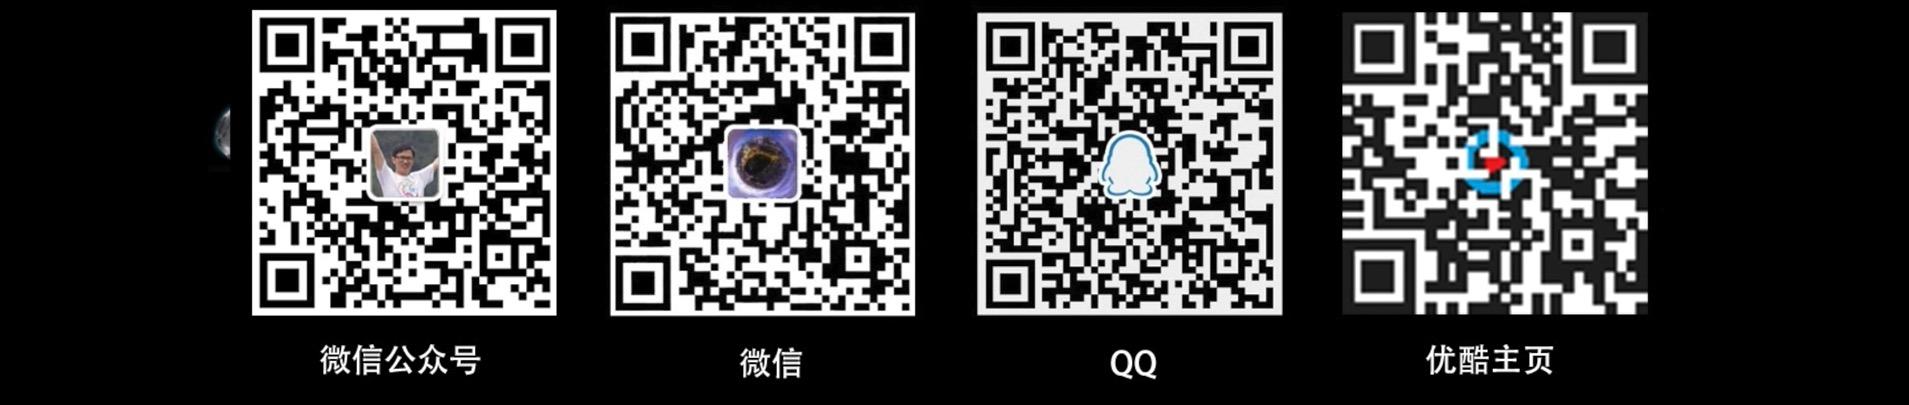 1540886778362.jpg